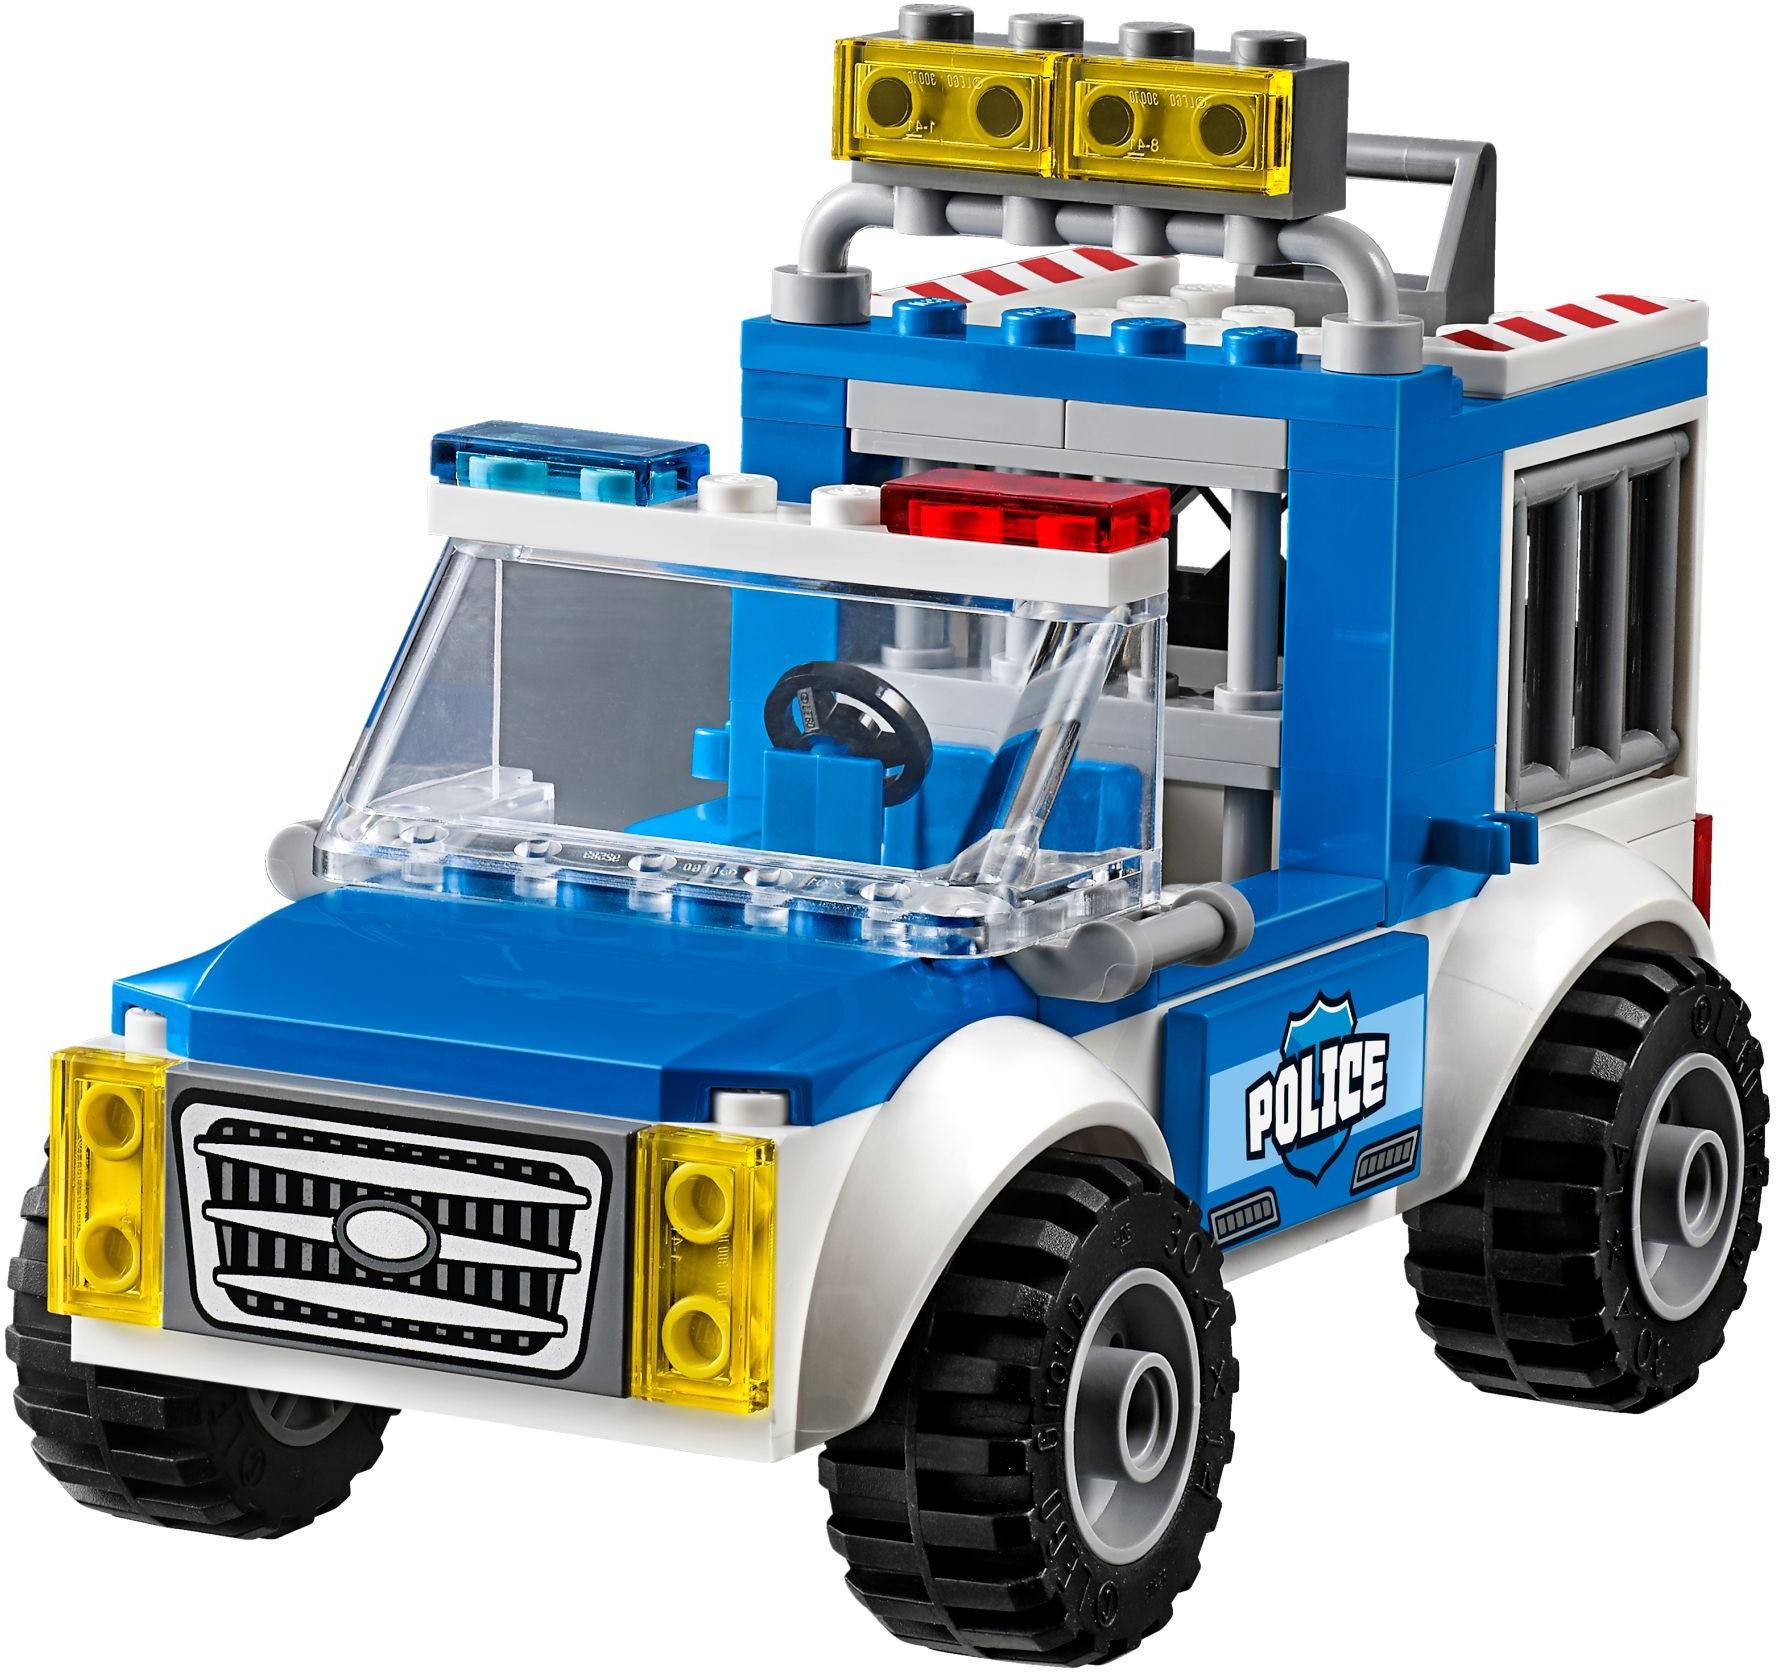 Mua đồ chơi LEGO 10735 - LEGO Juniors 10735 - Xe Tải Cảnh Sát bắt Cướp (LEGO Juniors Police Truck Chase 10735)